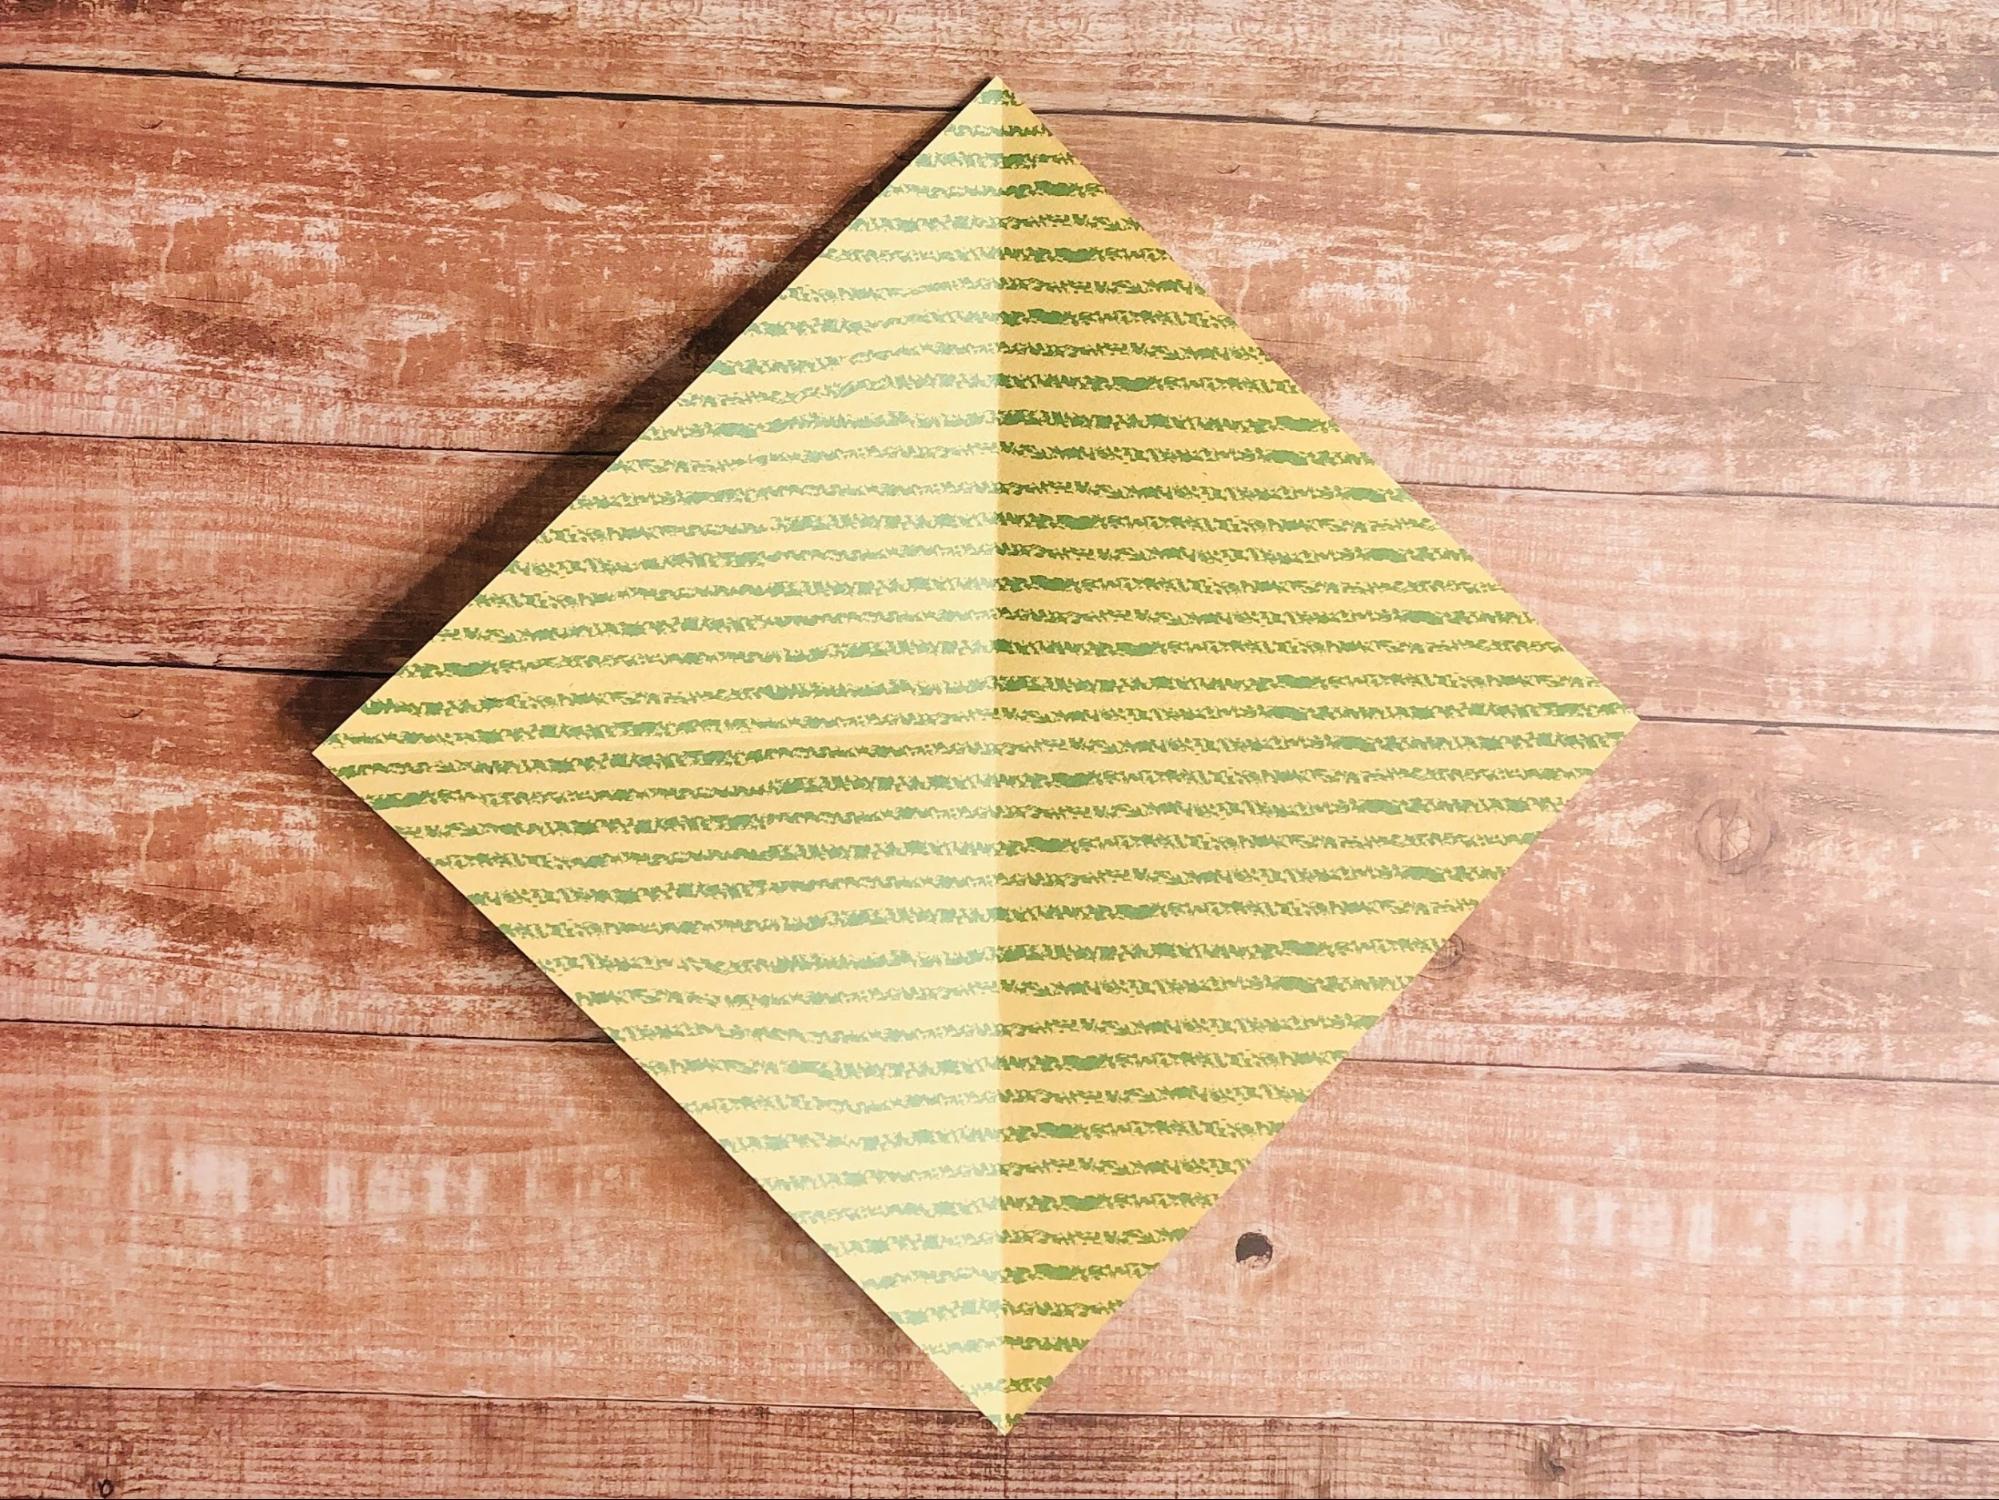 縦横半分に折って折り目をつけて戻します。